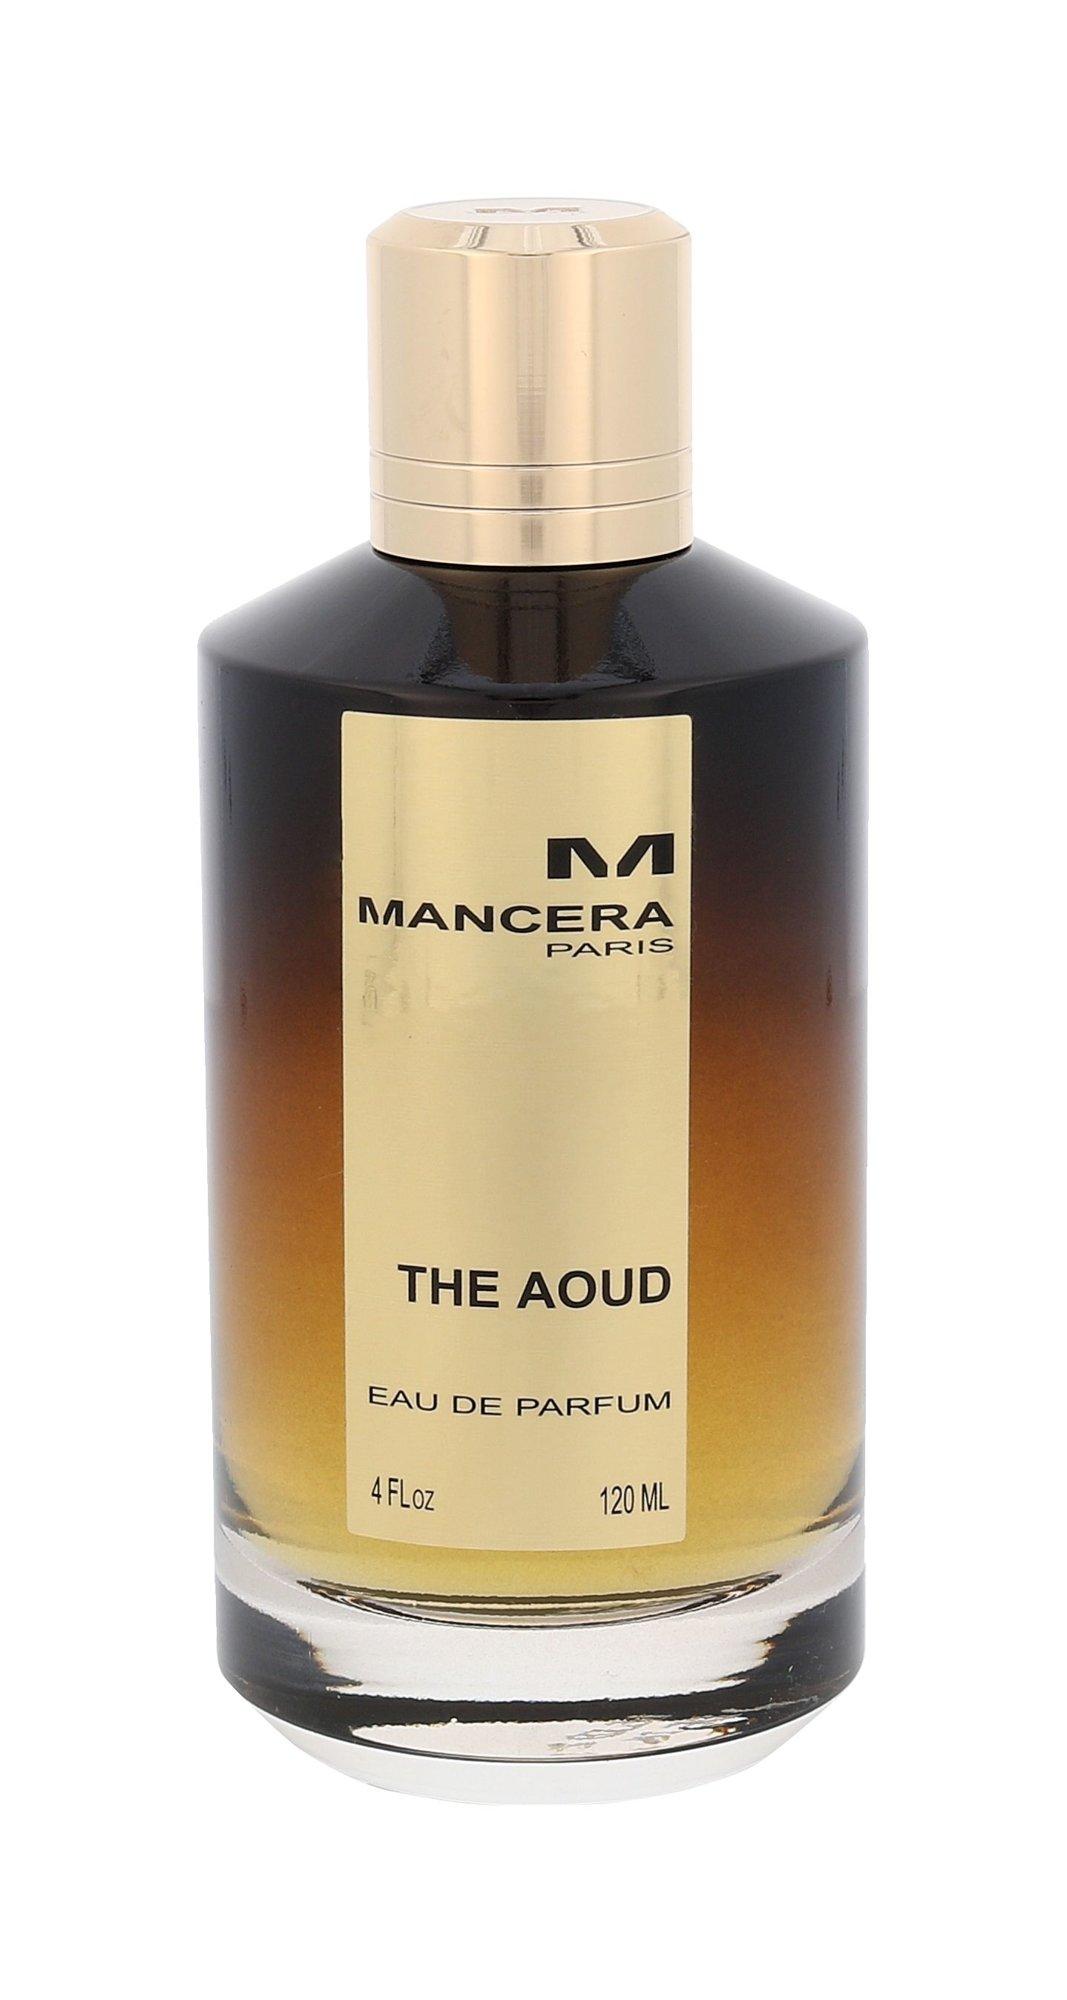 MANCERA The Aoud Eau de Parfum 120ml